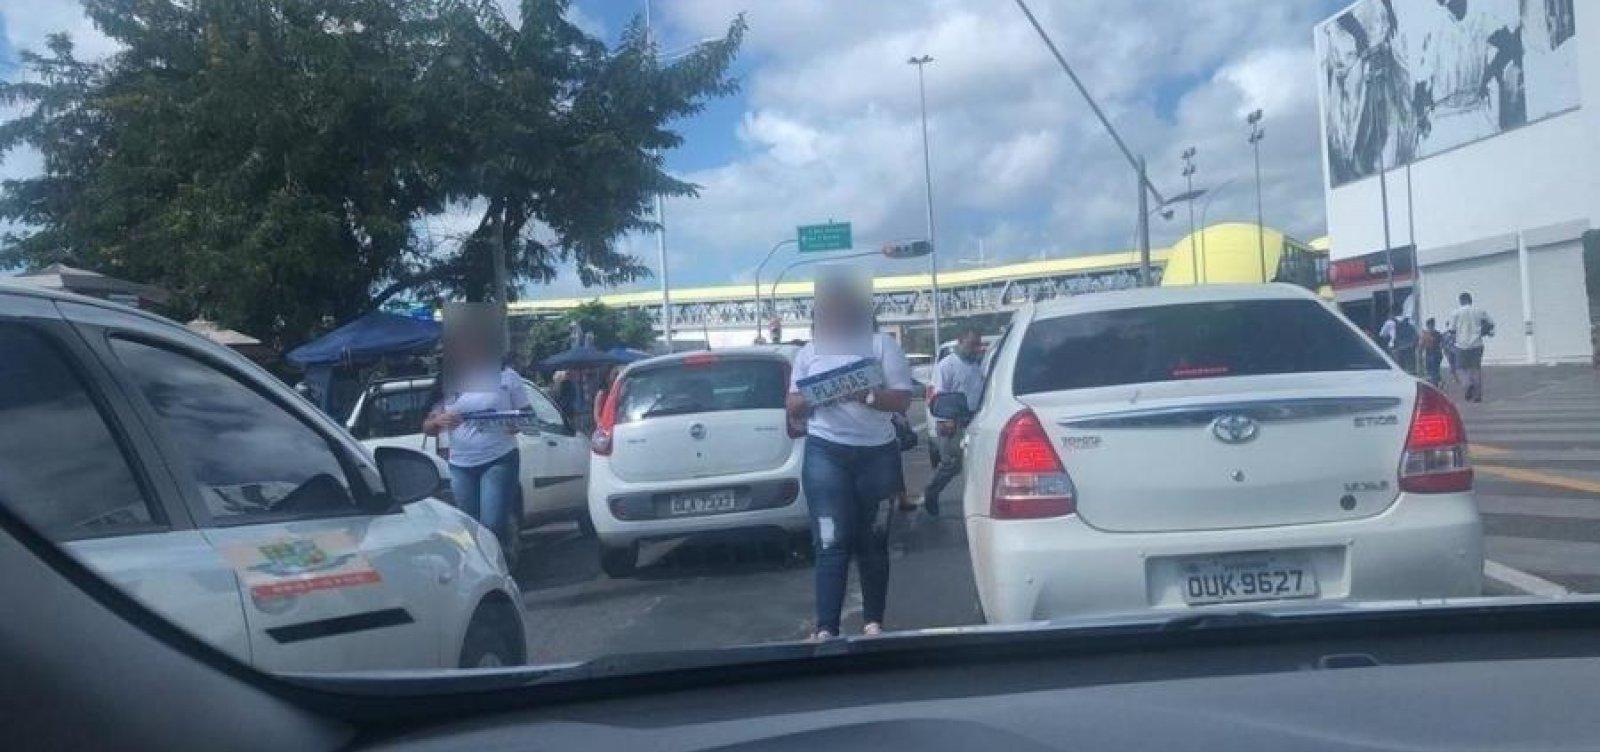 Placa Mercosul: segurança falha gera clonagens e venda no meio da rua em Salvador